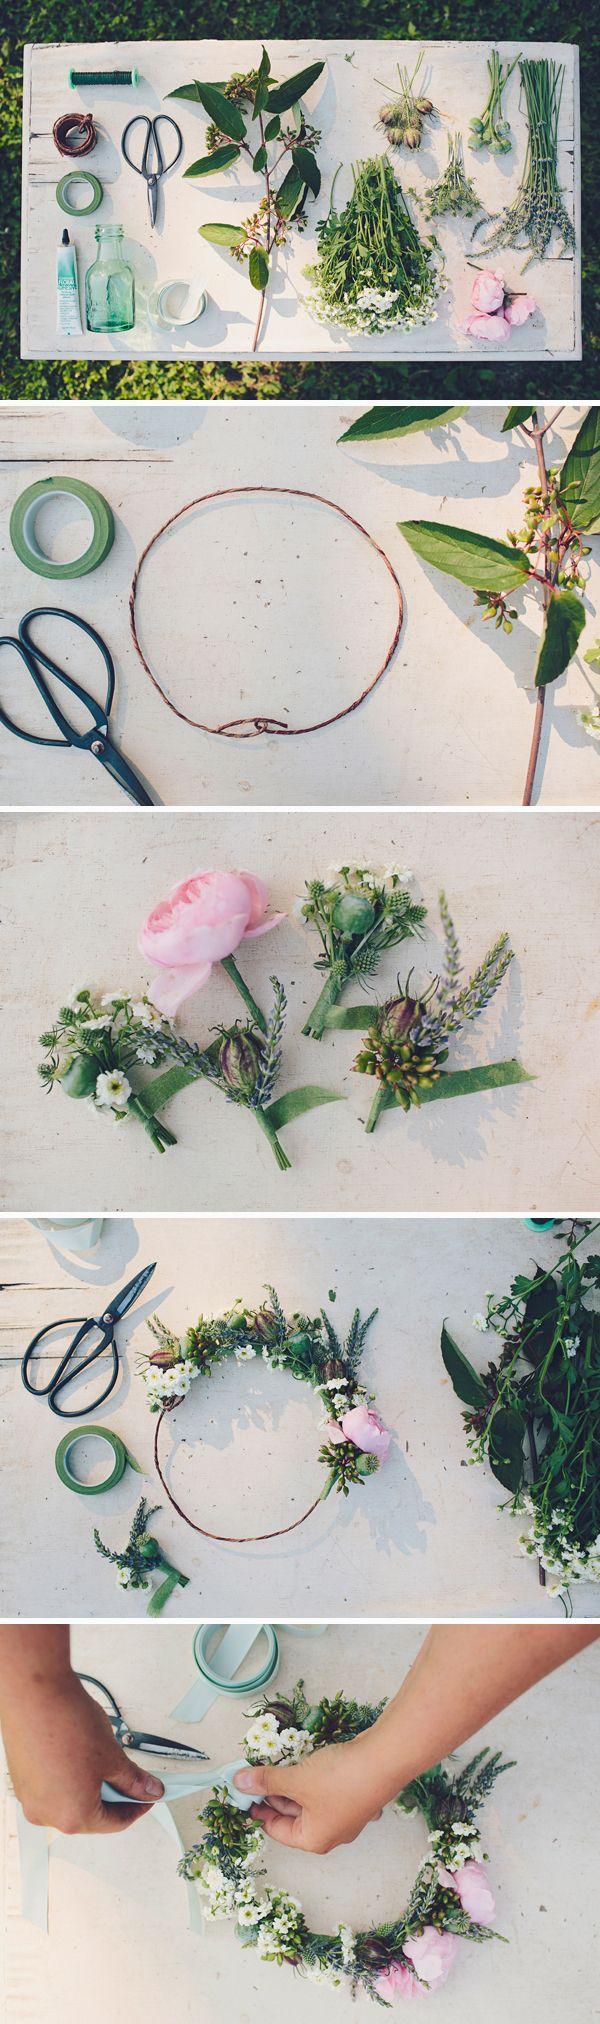 Floral Crown // DIY | walk in love.